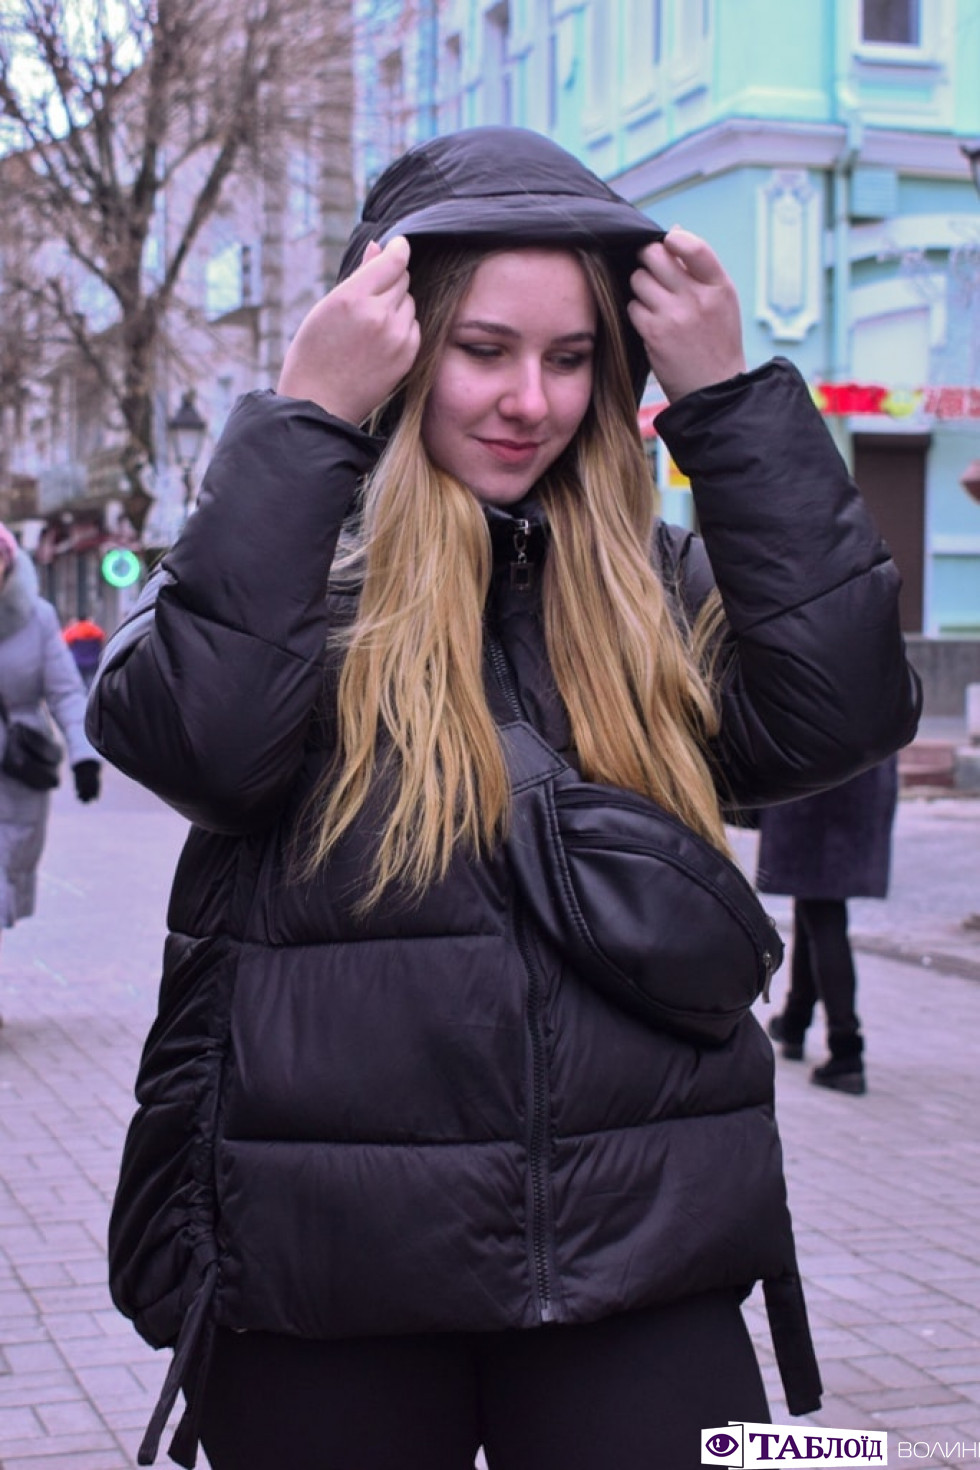 Мила Катя